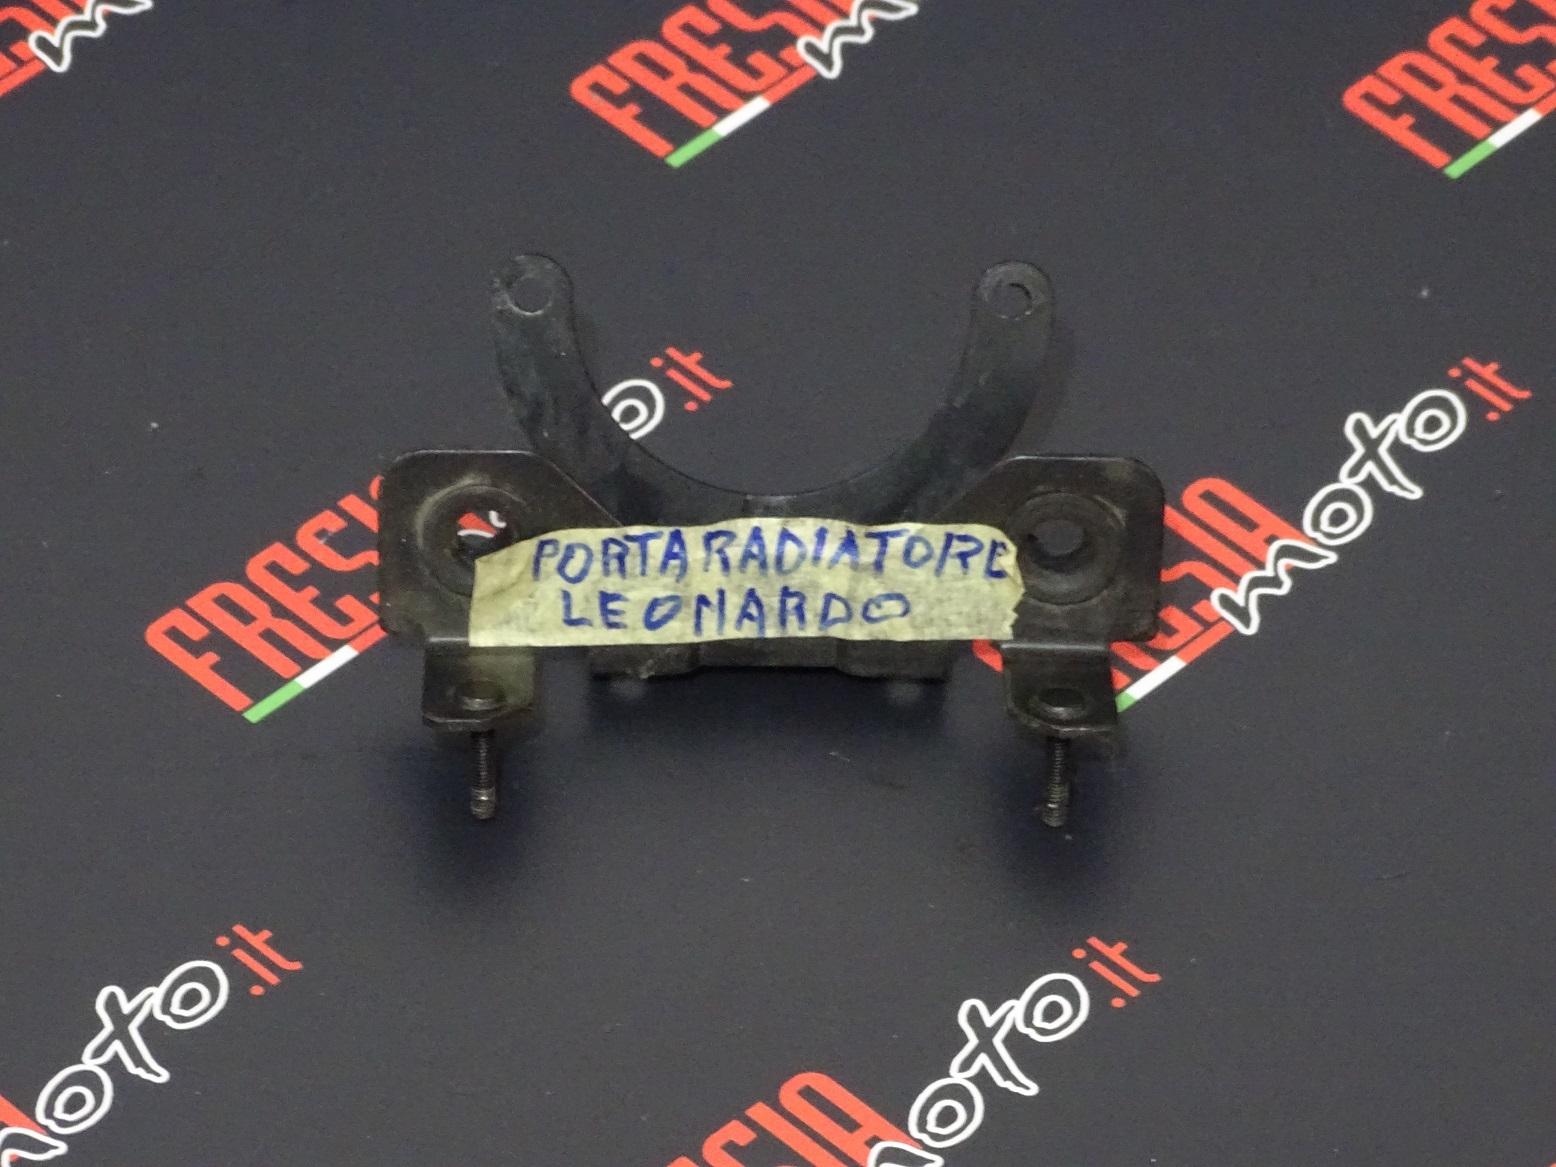 SUPPORTO RADIATORE USATO APRILIA LEONARDO 150 ANNO 2000